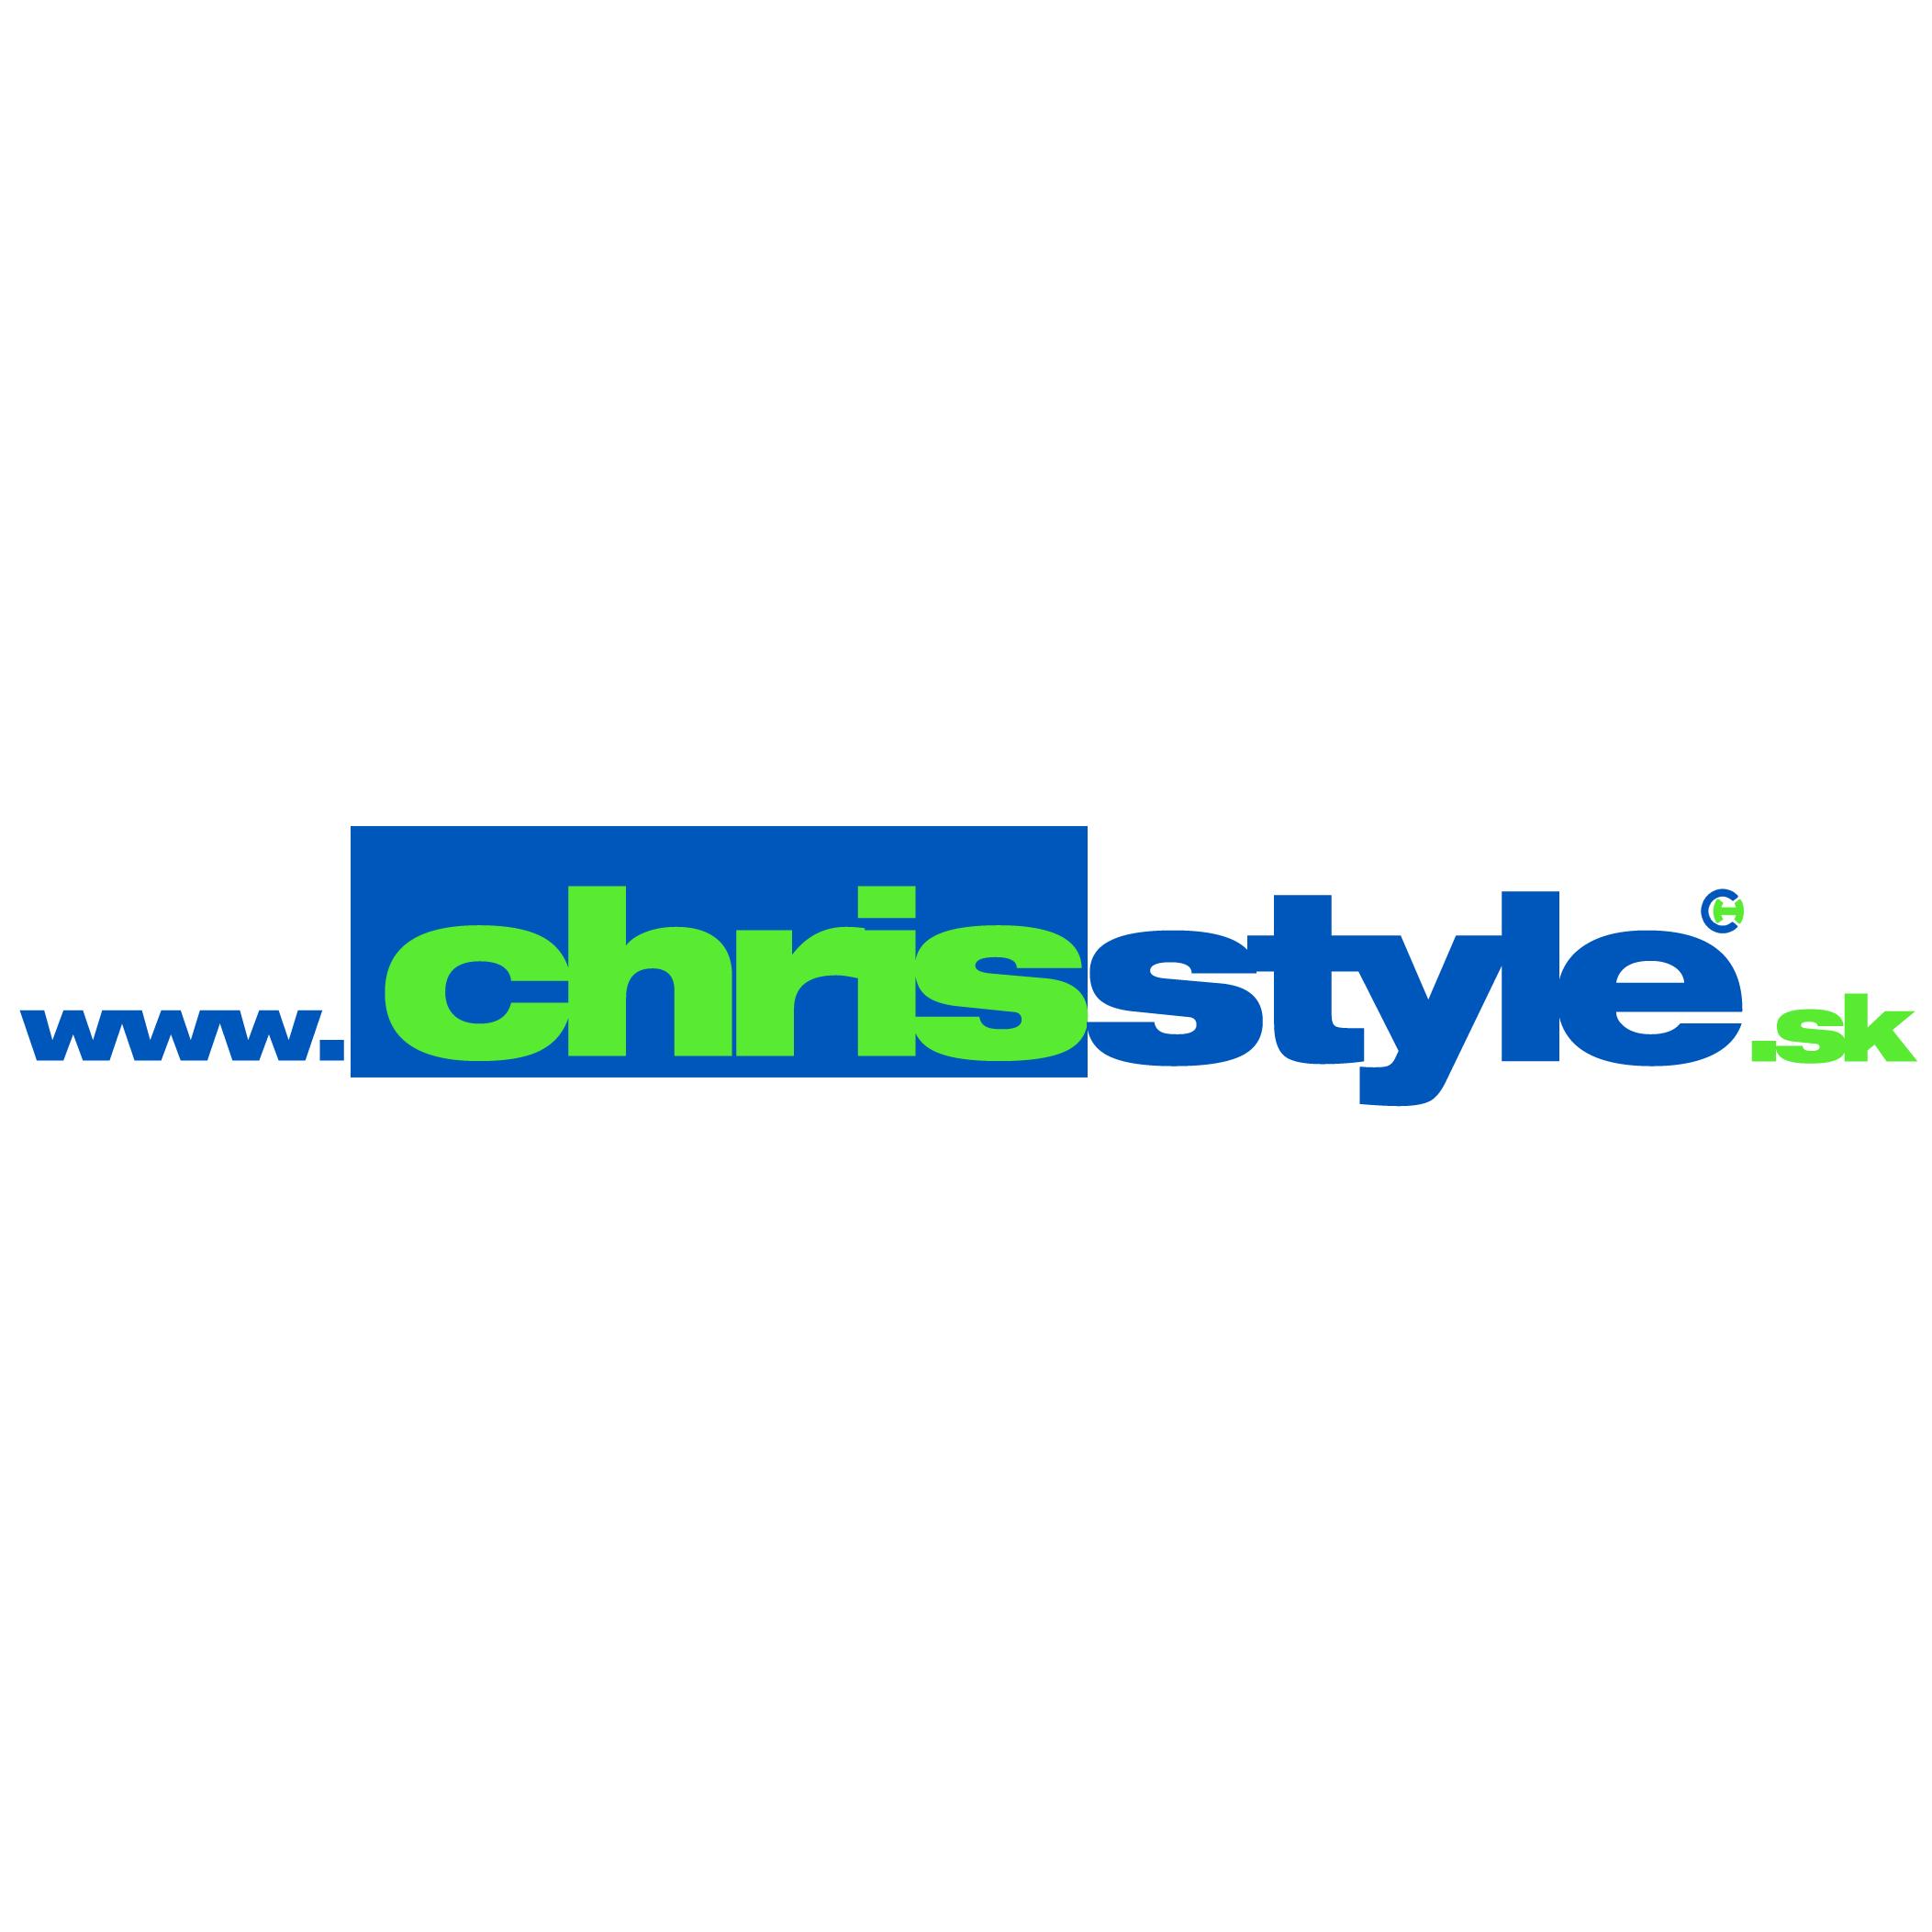 CHRISSTYLE s.r.o./ Oprava bicyklov a lyží /Potreby pre cyklistiku a lyžovanie